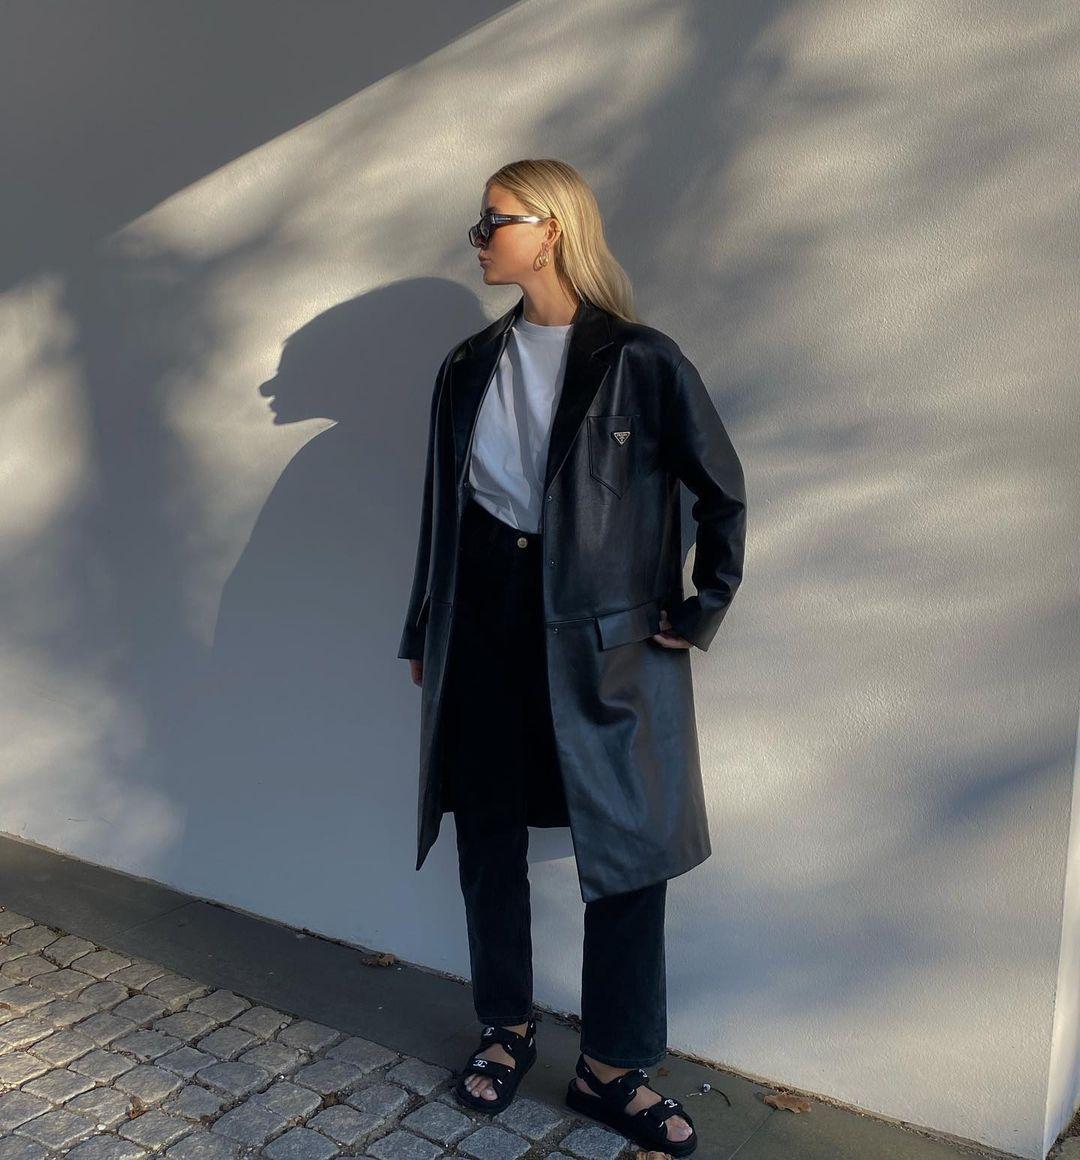 """Пробуем повторить: как носят """"папе"""" сандалии летом 2021 топовые фэшн-блоггеры"""